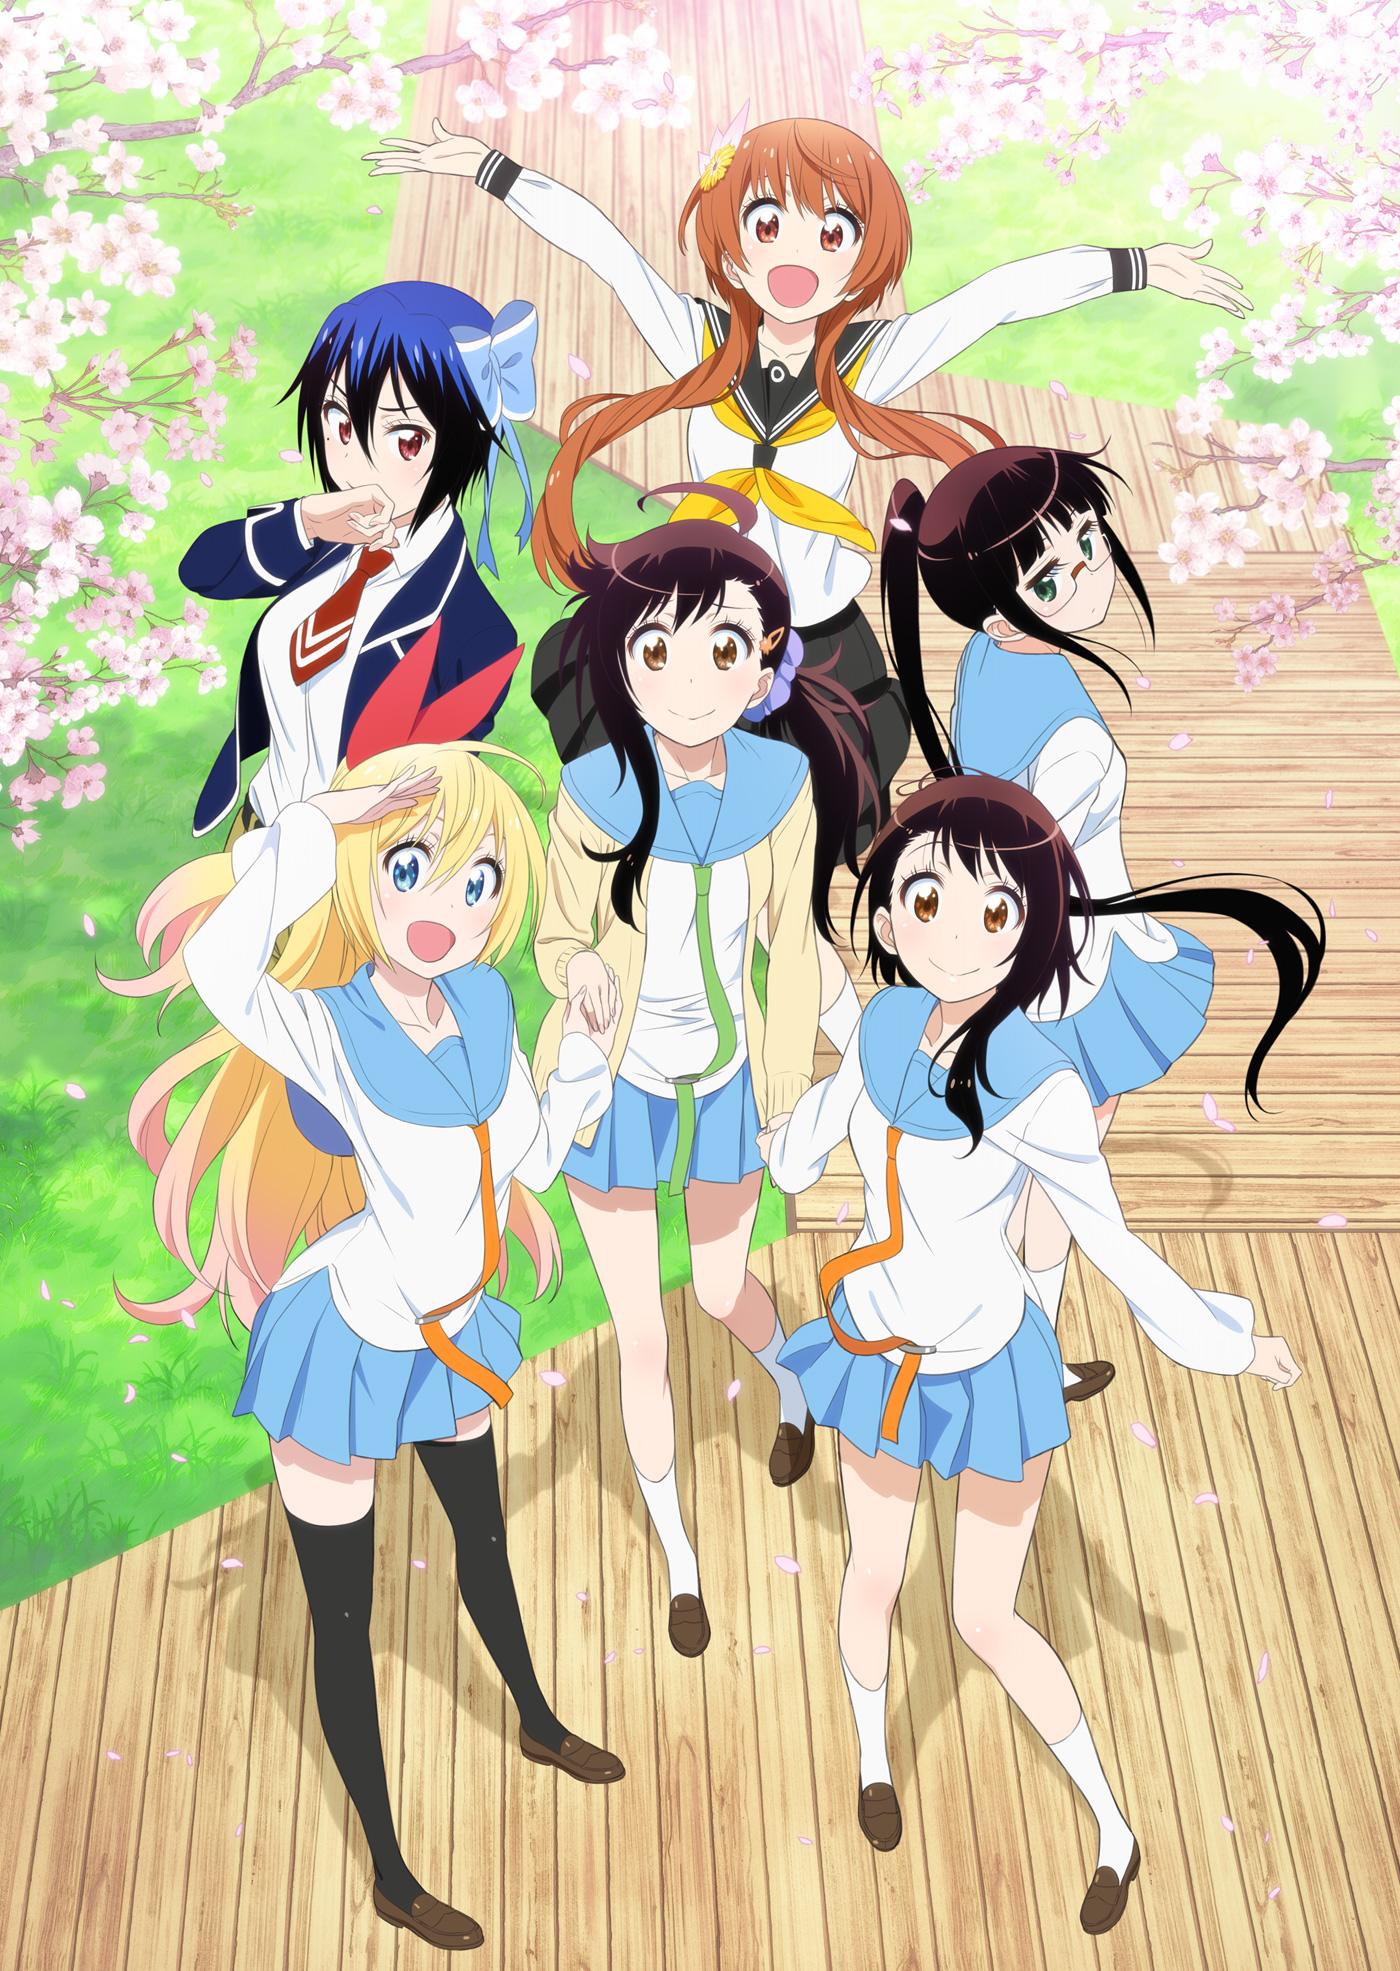 Nisekoi Season 2 Visual Revealed nisekoi 2nd season anime visual